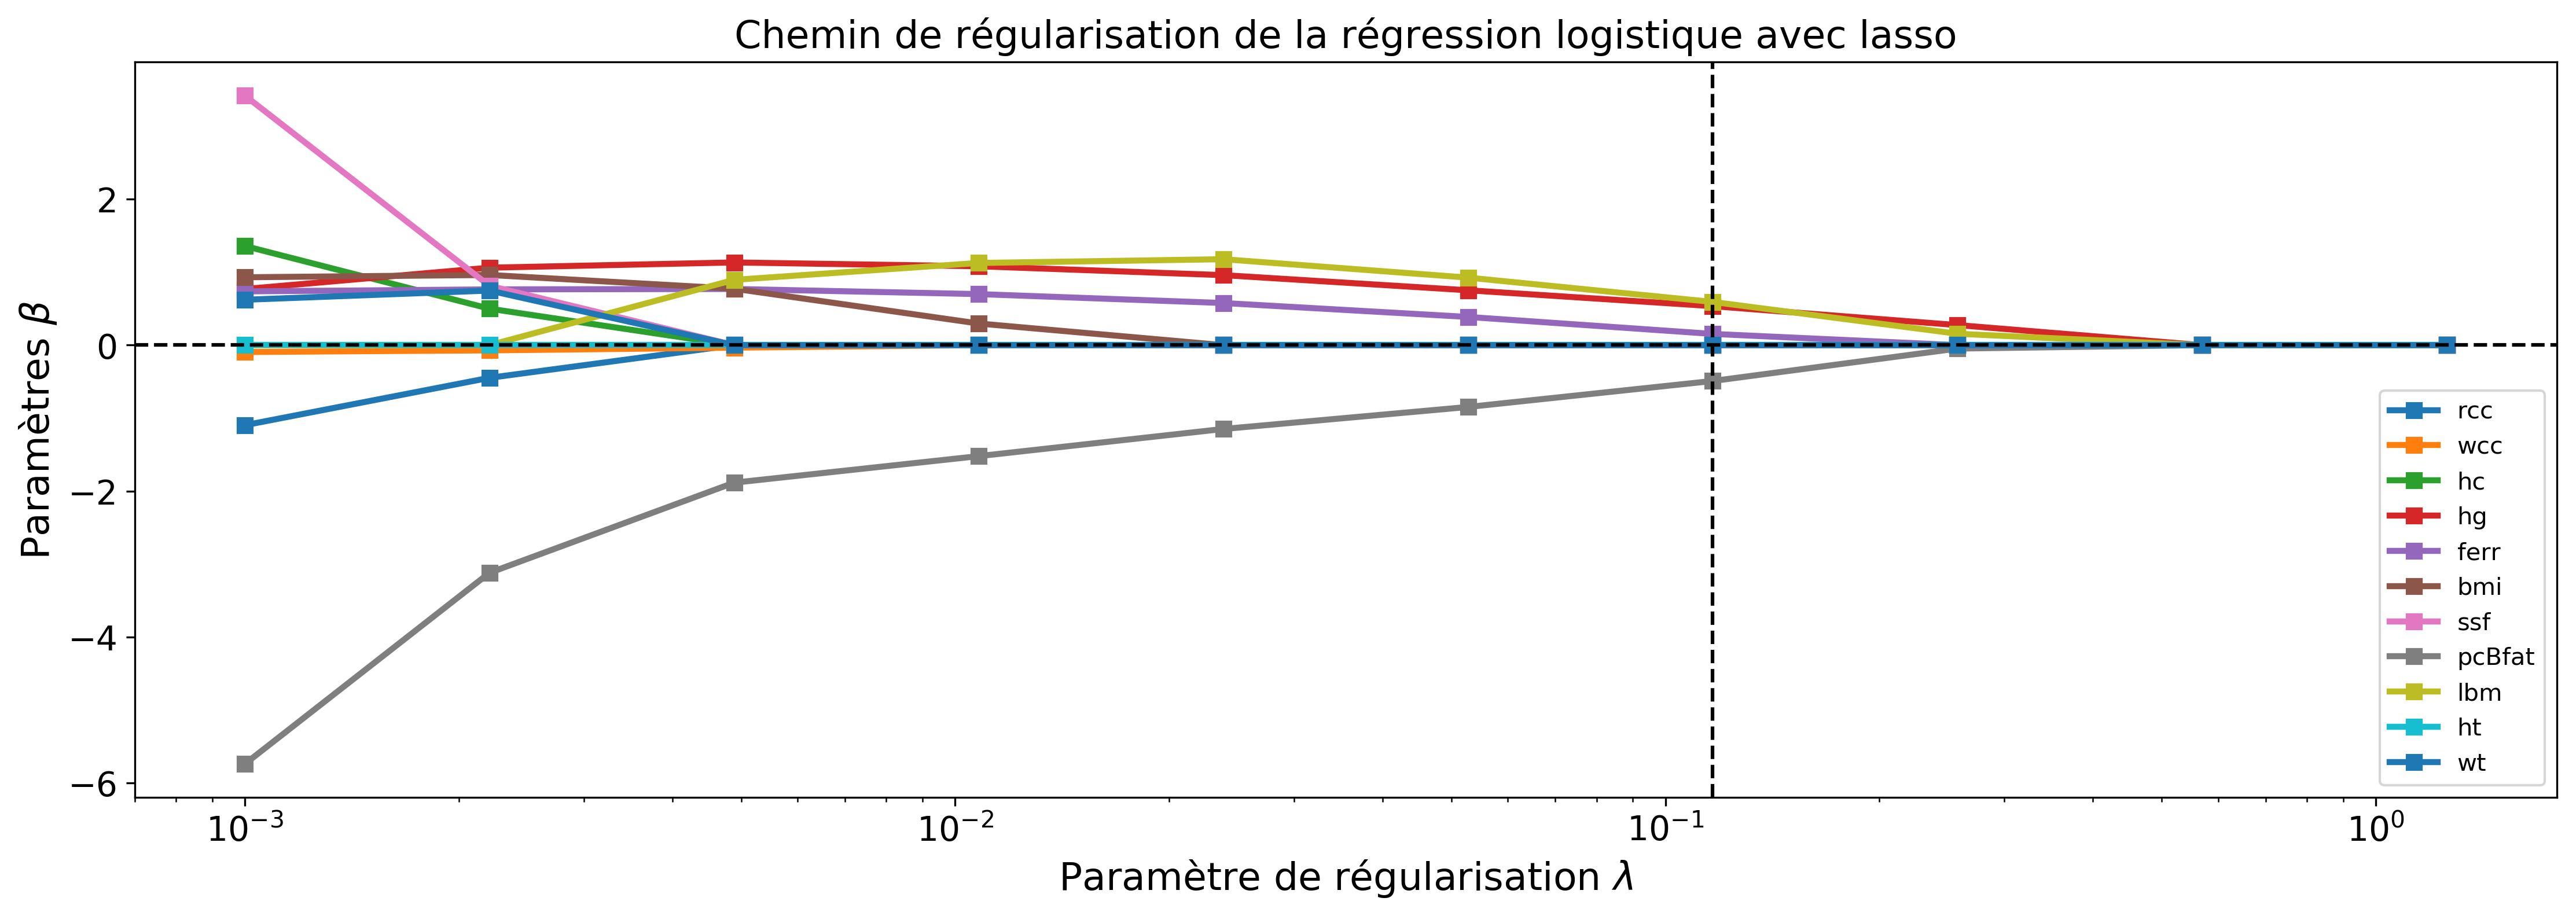 Evolution de la valeur des paramètres \beta_j en fonction du paramètre de régularisation sur l'exemple des données biologiques.